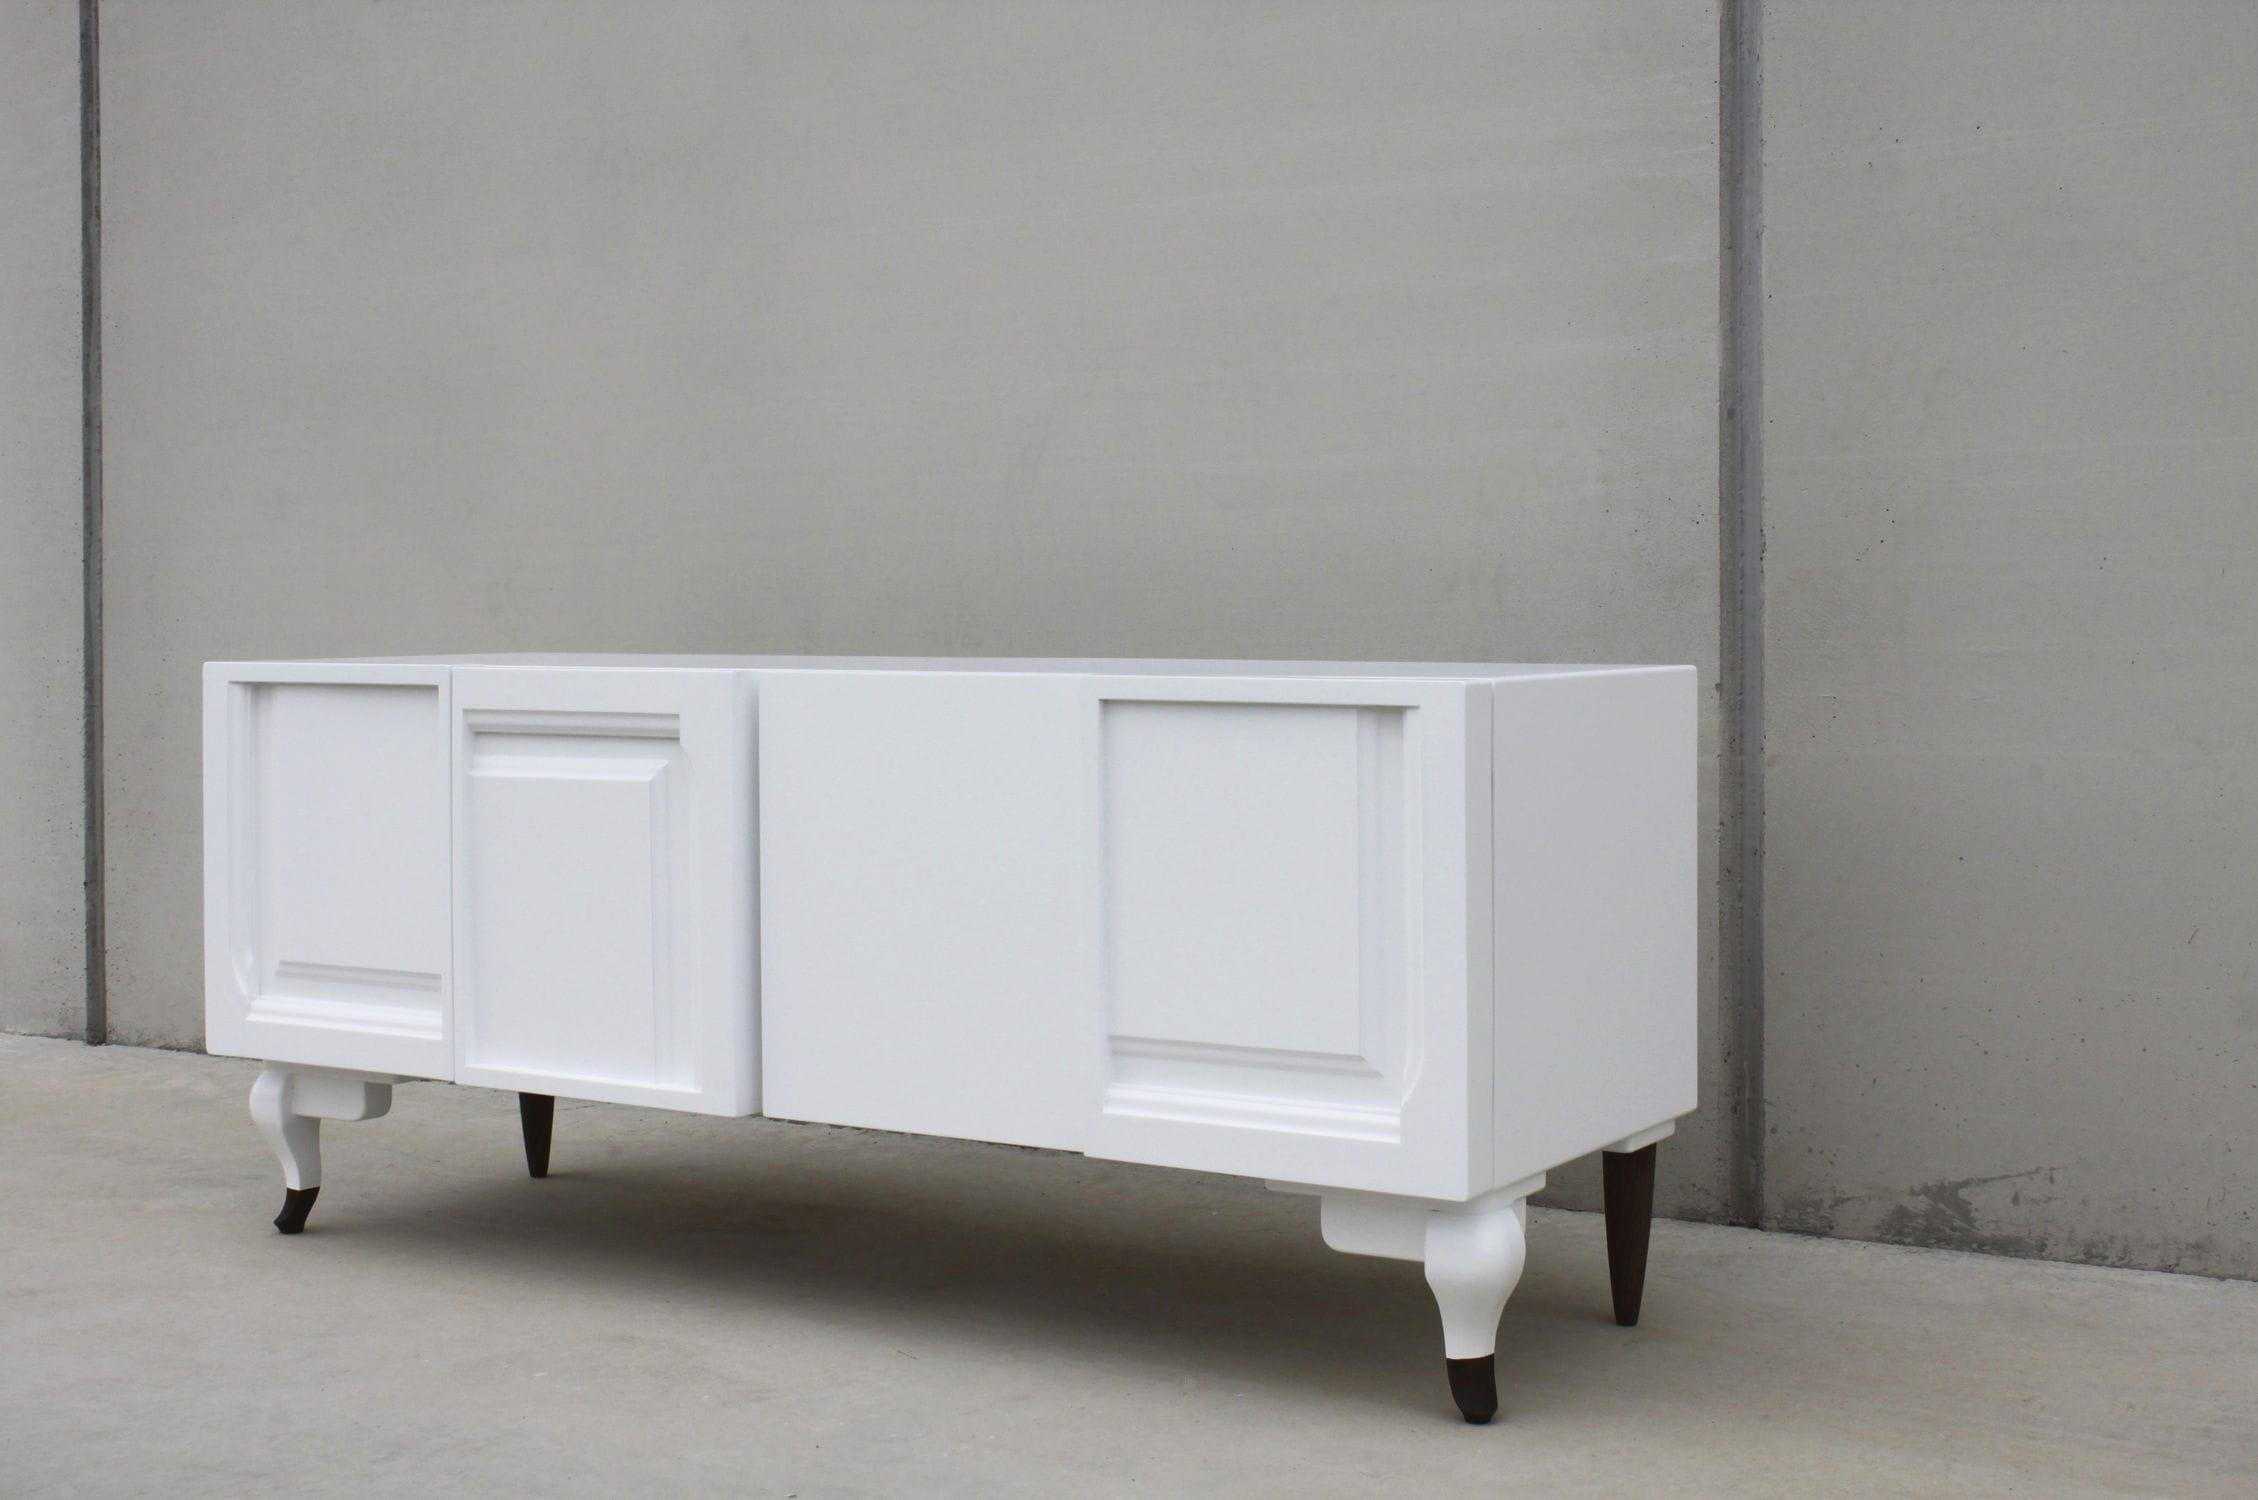 Legno Laccato Su Misura credenza design originale - door 01 - ici et la - in legno